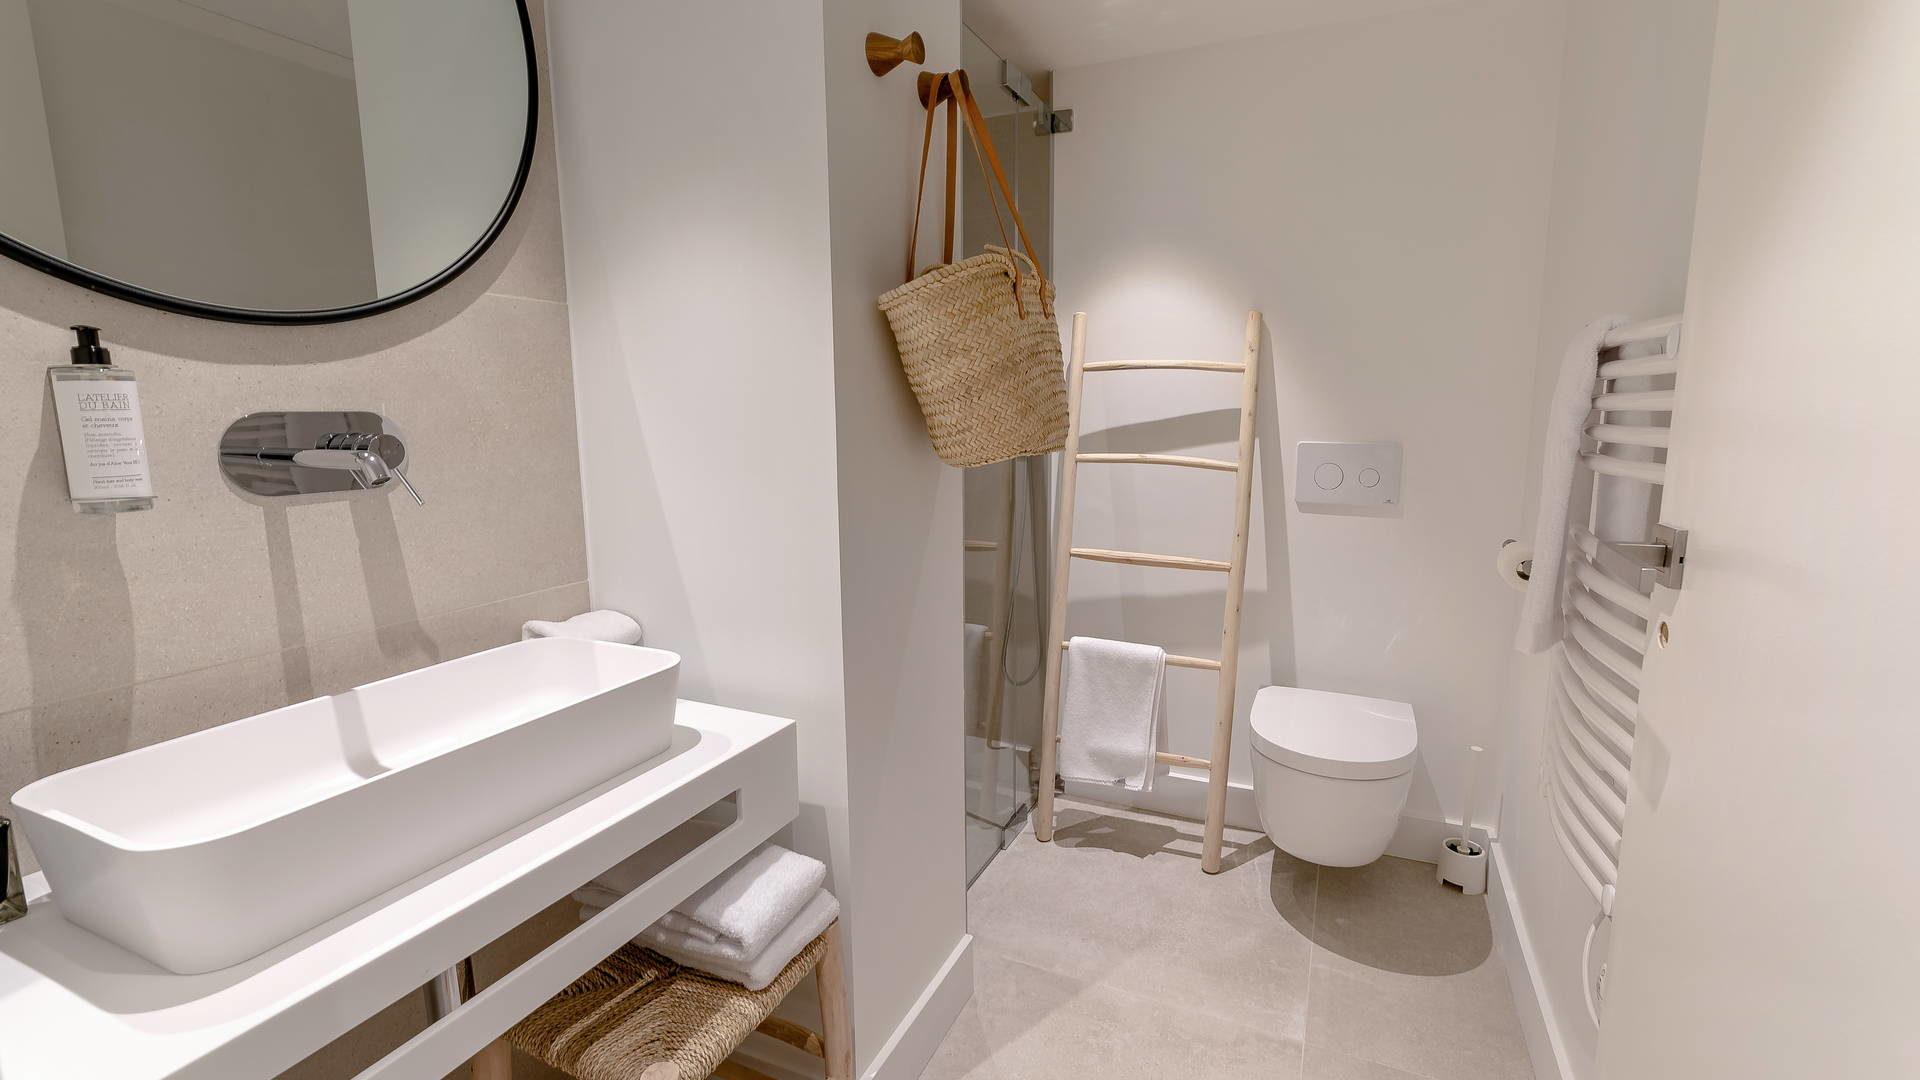 salle de bain moderne hotel bord de mer collioure